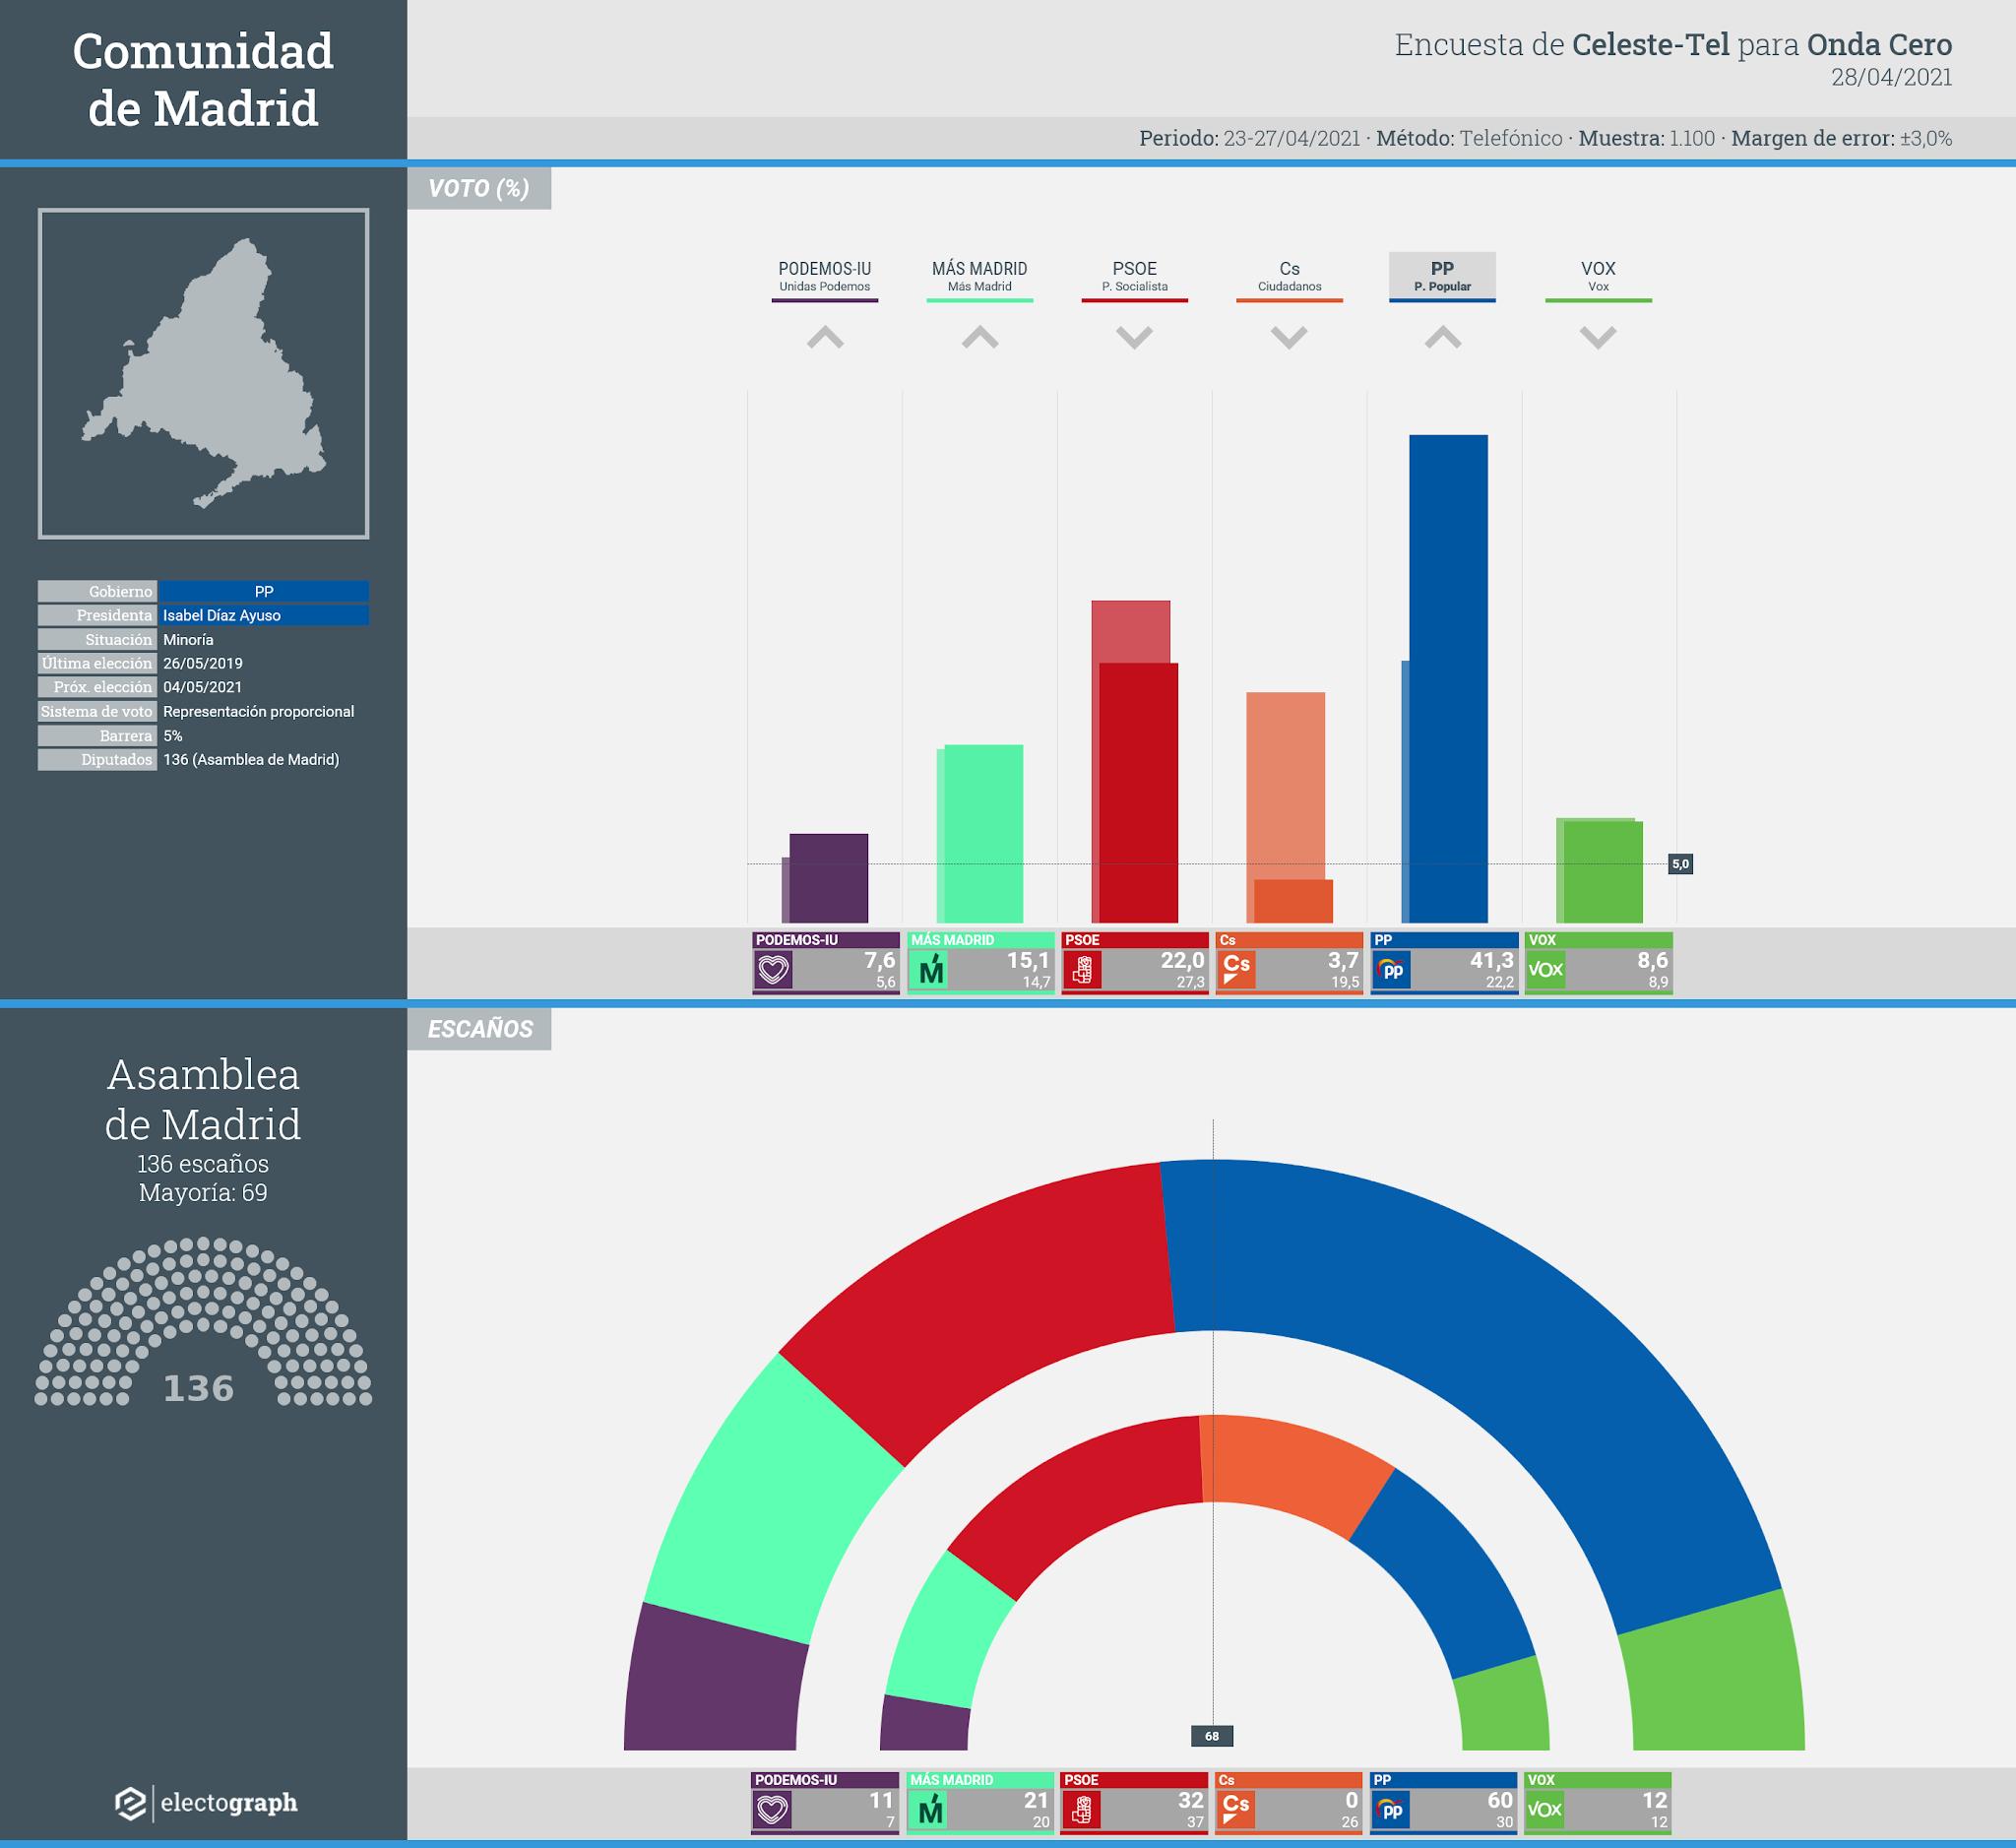 Gráfico de la encuesta para elecciones autonómicas en la Comunidad de Madrid realizada por Celeste-Tel para Onda Cero, 28 de abril de 2021